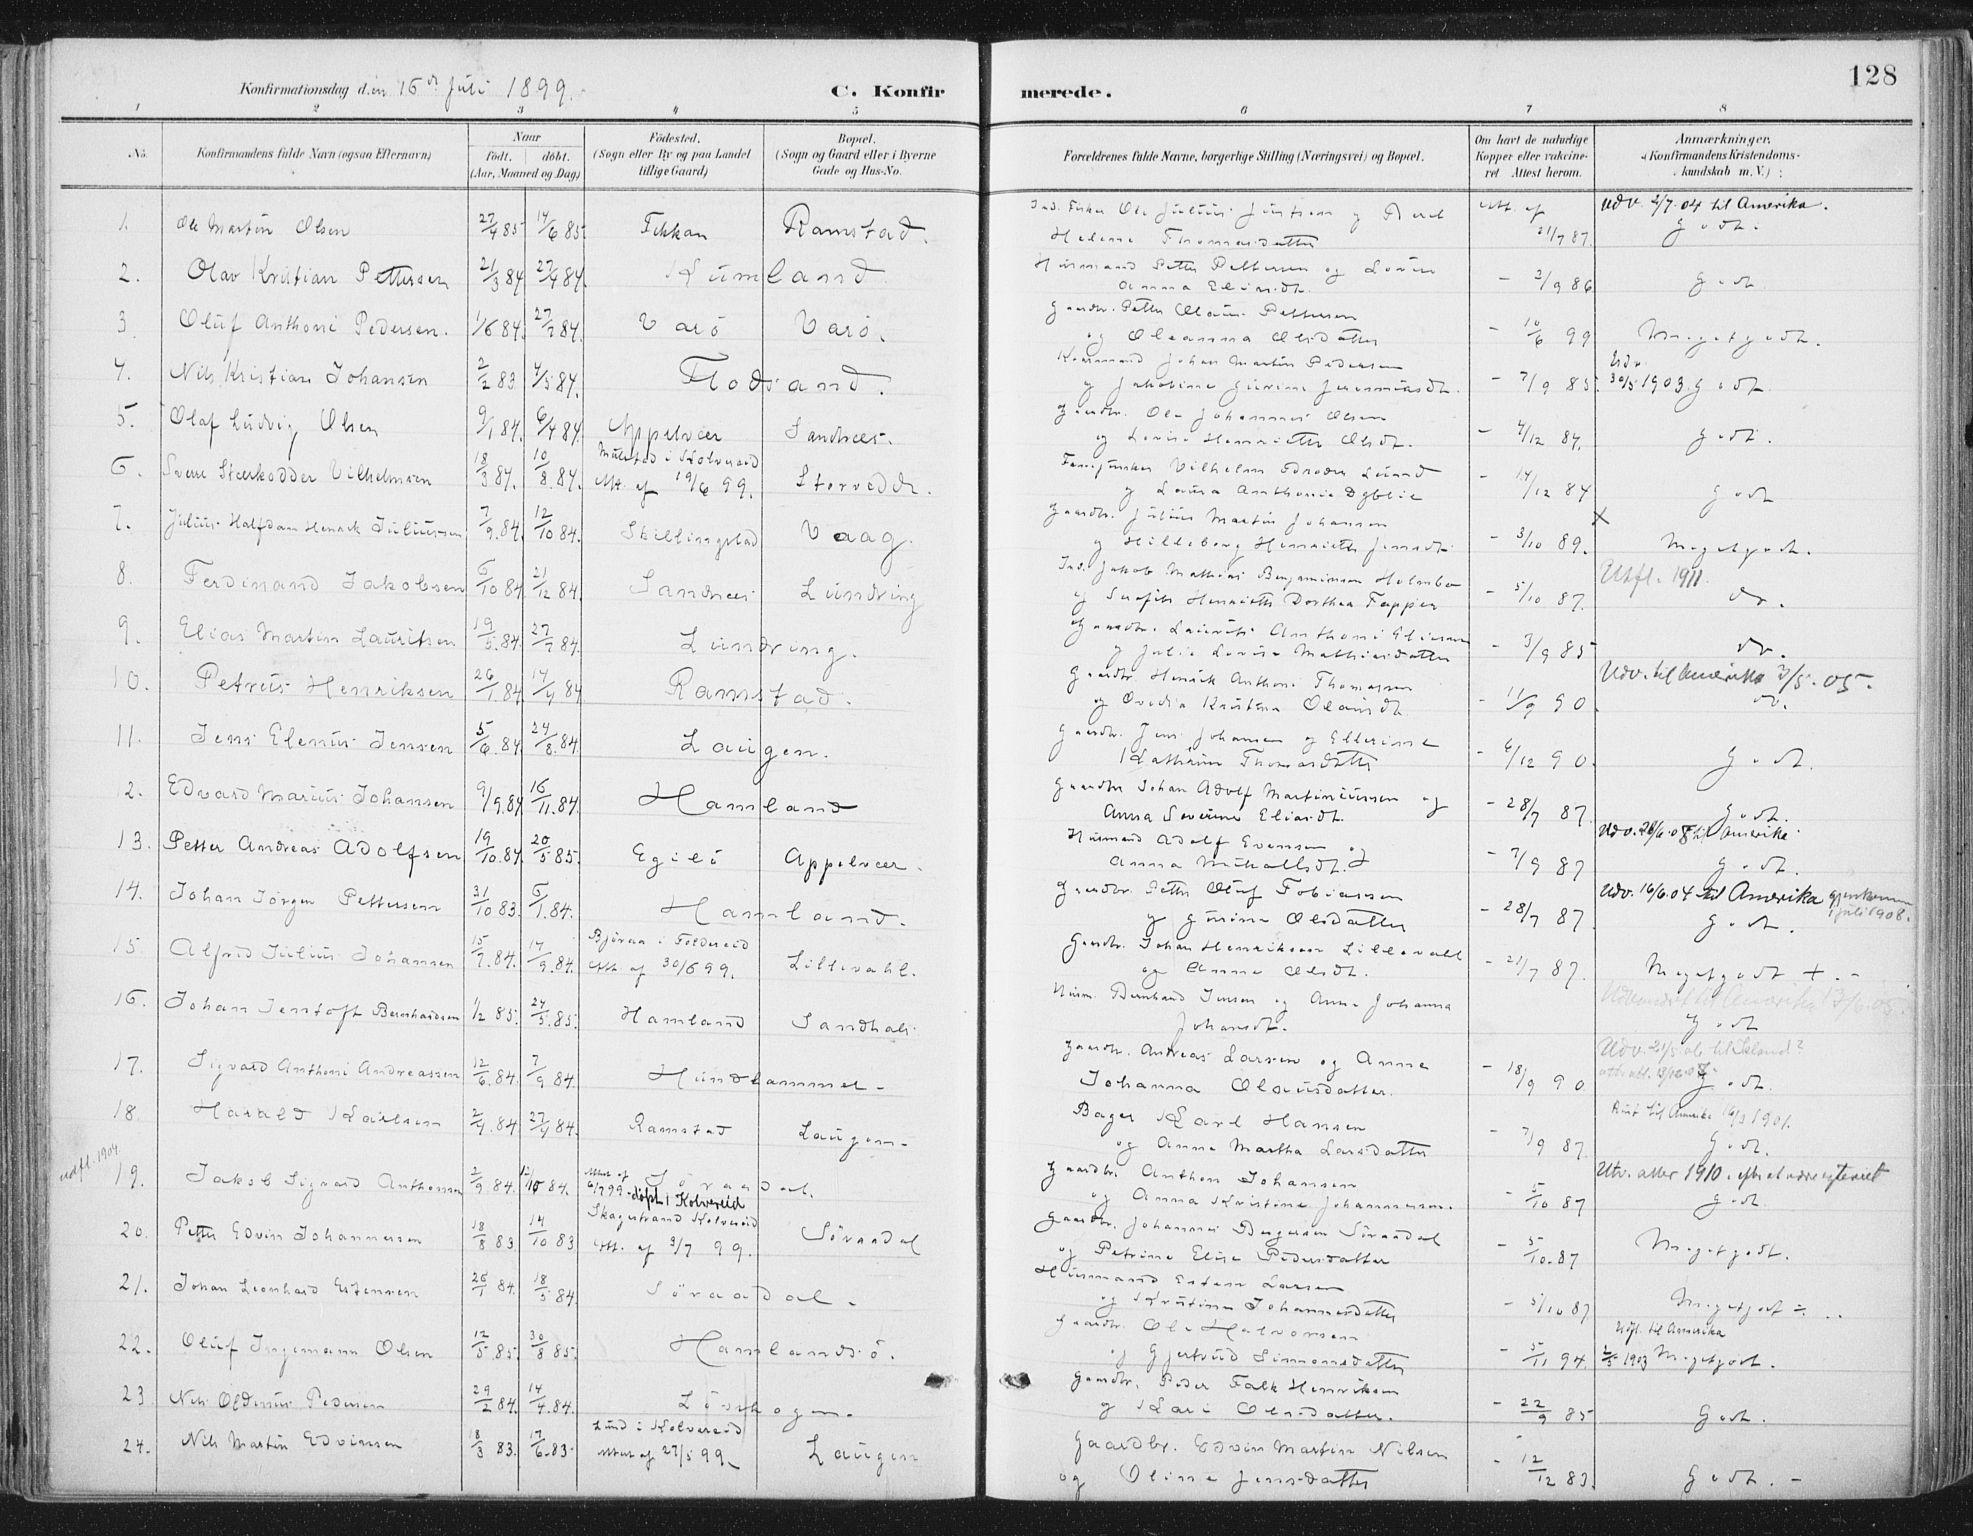 SAT, Ministerialprotokoller, klokkerbøker og fødselsregistre - Nord-Trøndelag, 784/L0673: Ministerialbok nr. 784A08, 1888-1899, s. 128